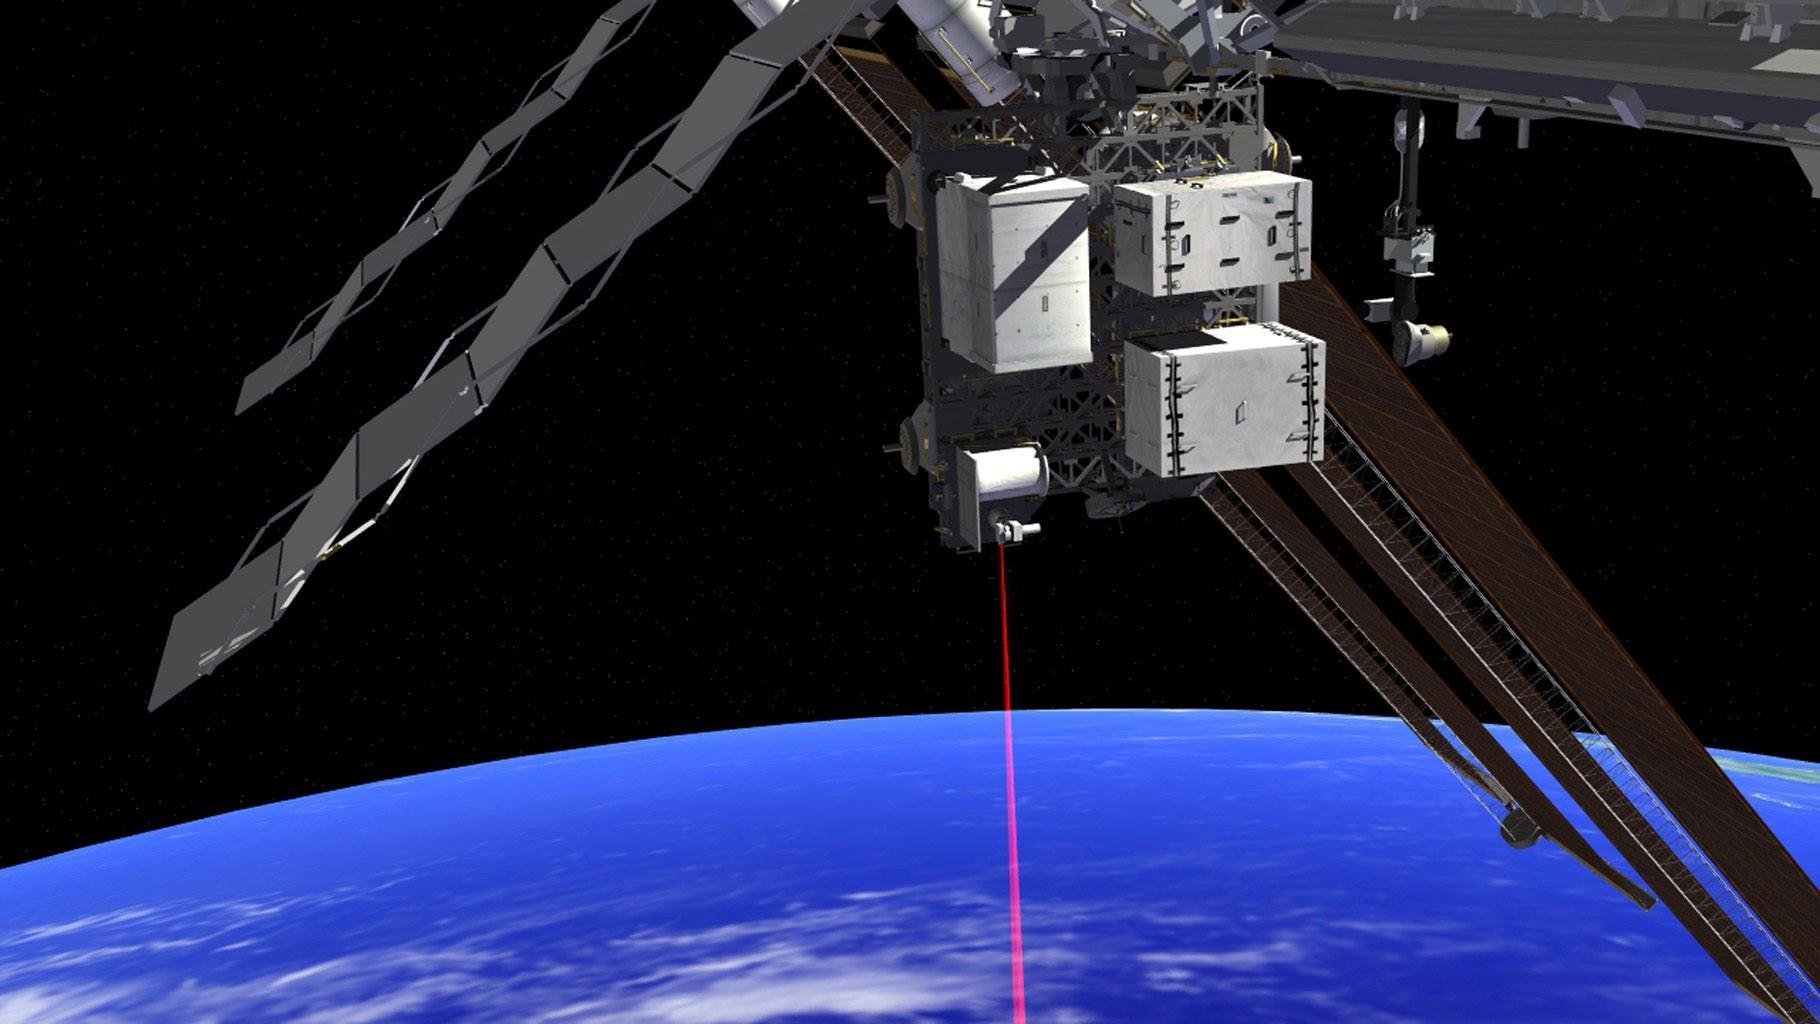 Работа системы OPALS наМеждународной космической станции впредставлении художника. OPALS была доставлена наМКС 18апреля 2014года.